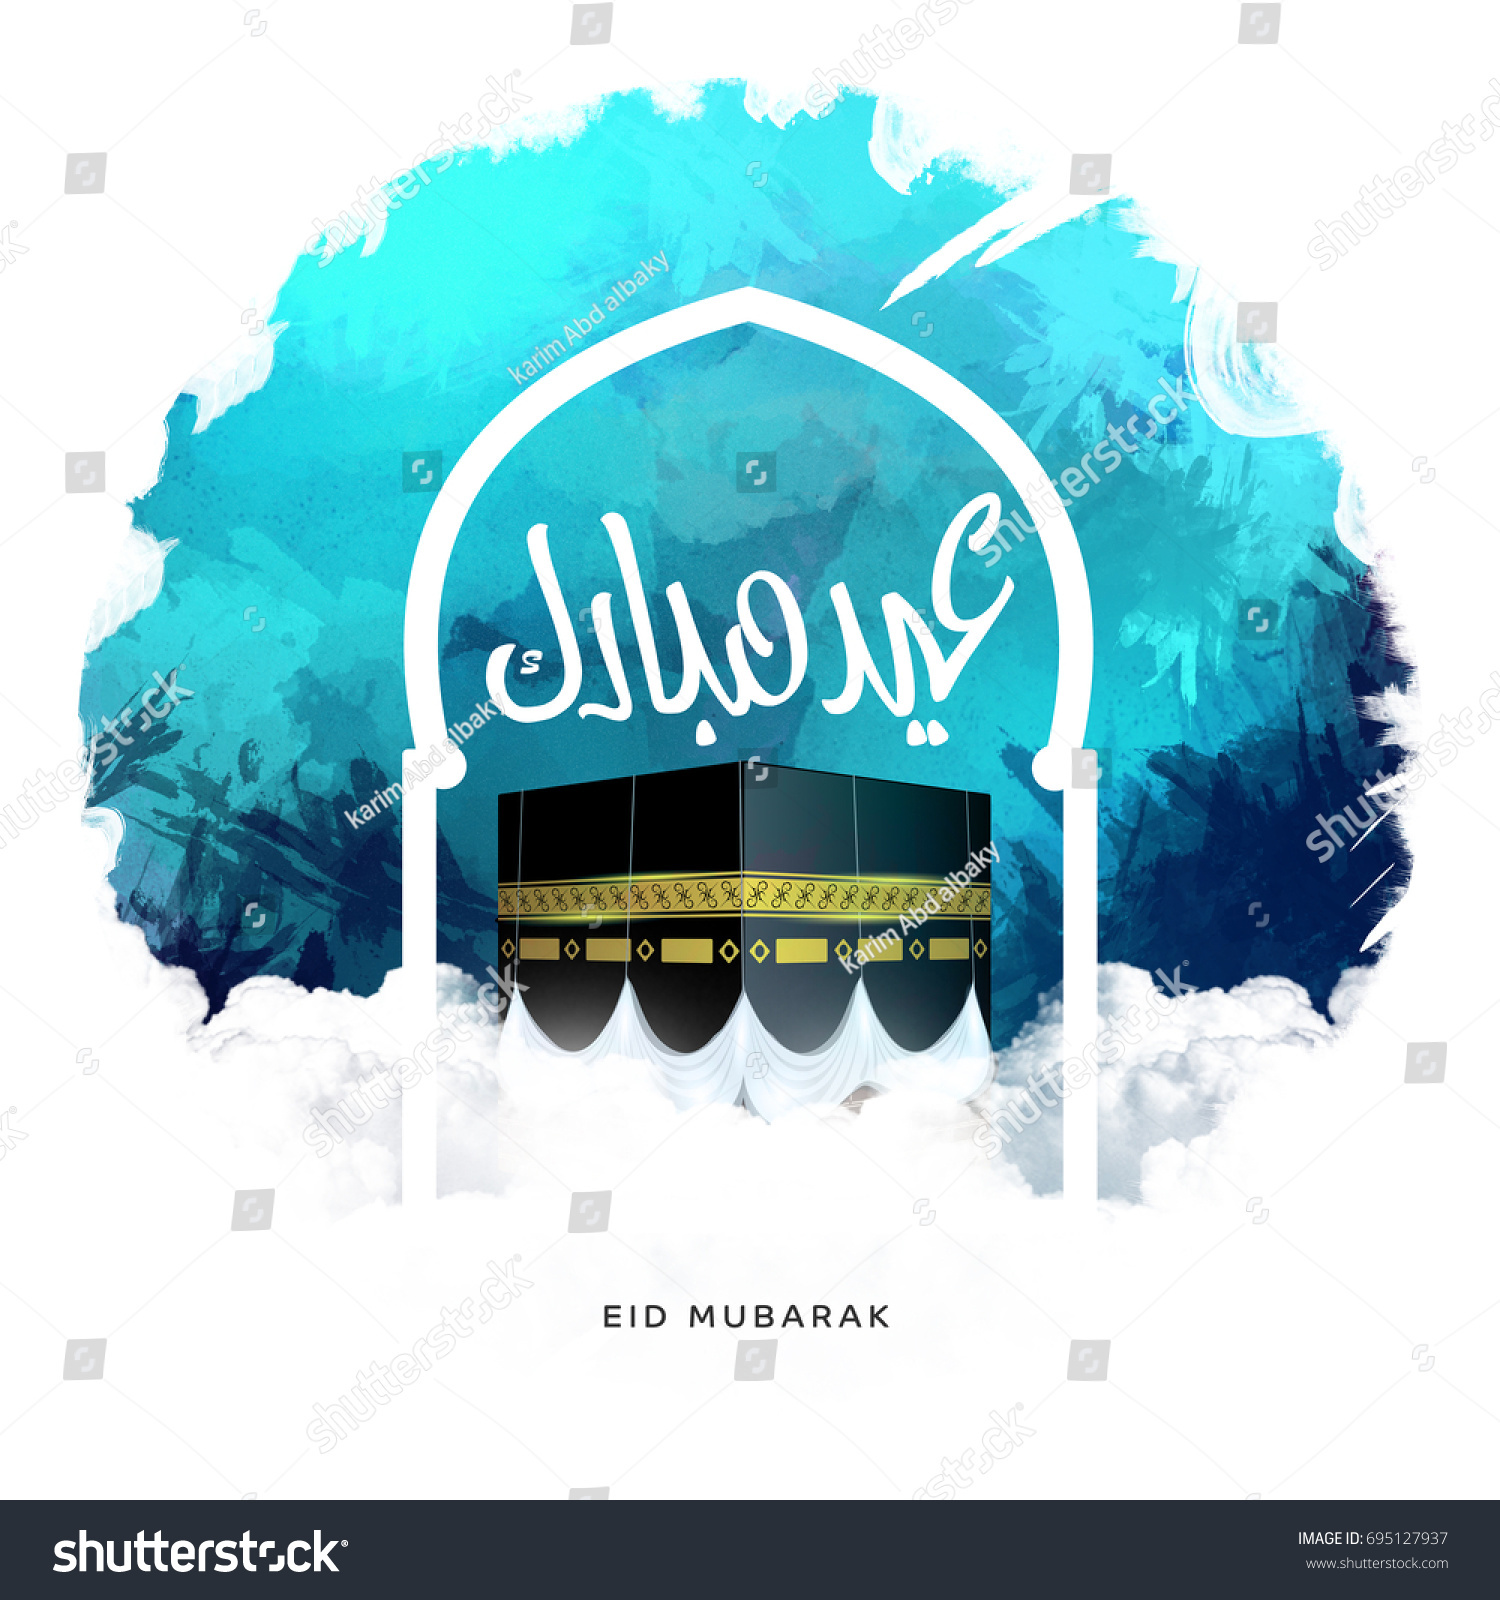 Best Different Eid Al-Fitr Greeting - stock-photo-arabic-calligraphy-of-an-eid-greeting-happy-eid-al-adha-eid-al-fitr-eid-mubarak-beautiful-695127937  You Should Have_193253 .jpg